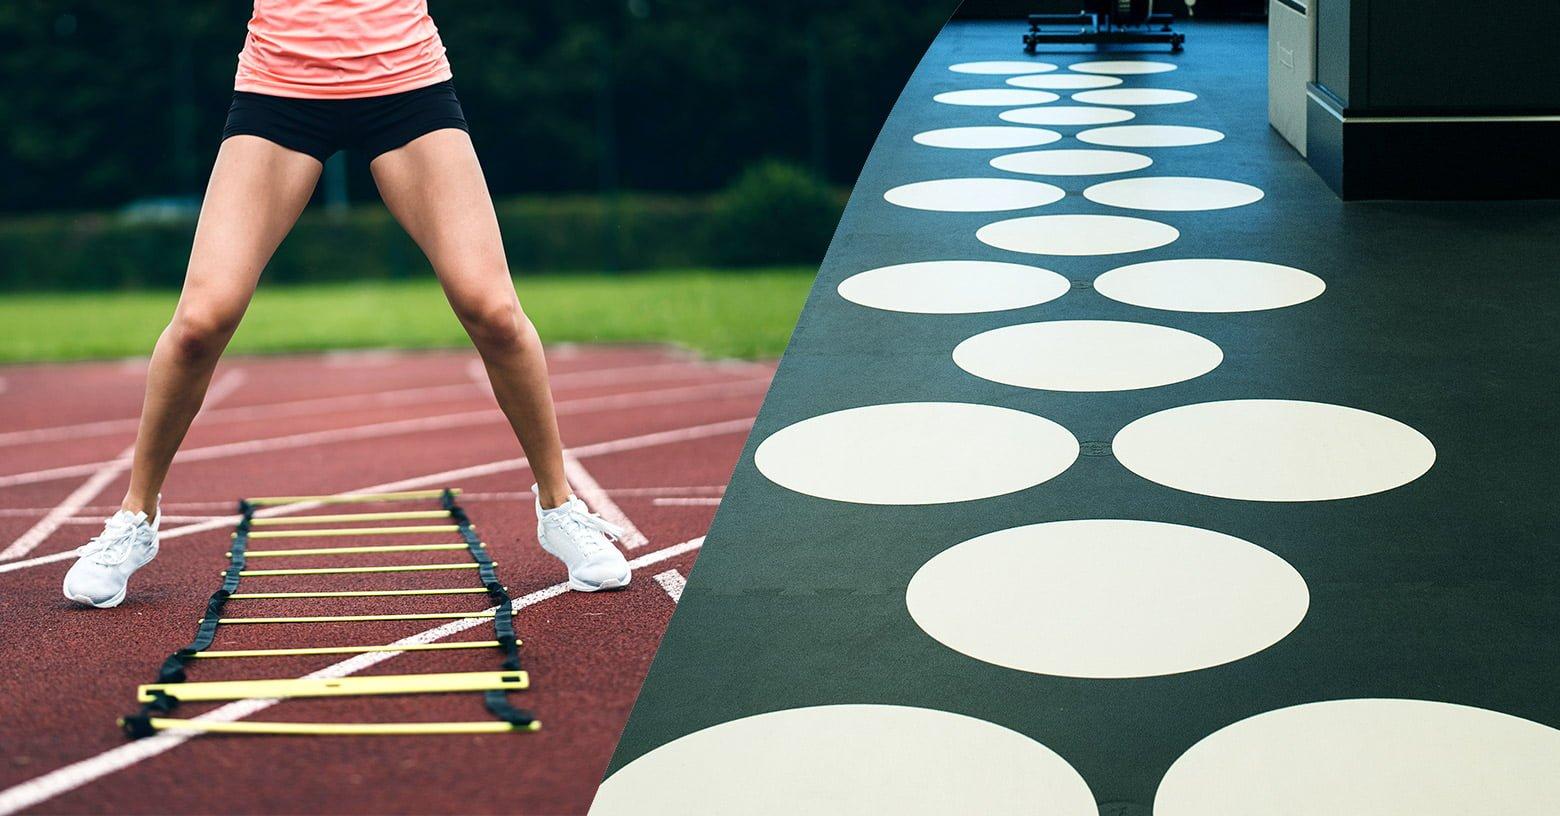 Speed ladders and hopscotch - Schnelligkeitsleitern und Hüpffelder - Echelles de rythme et marelle - EVO Fitness